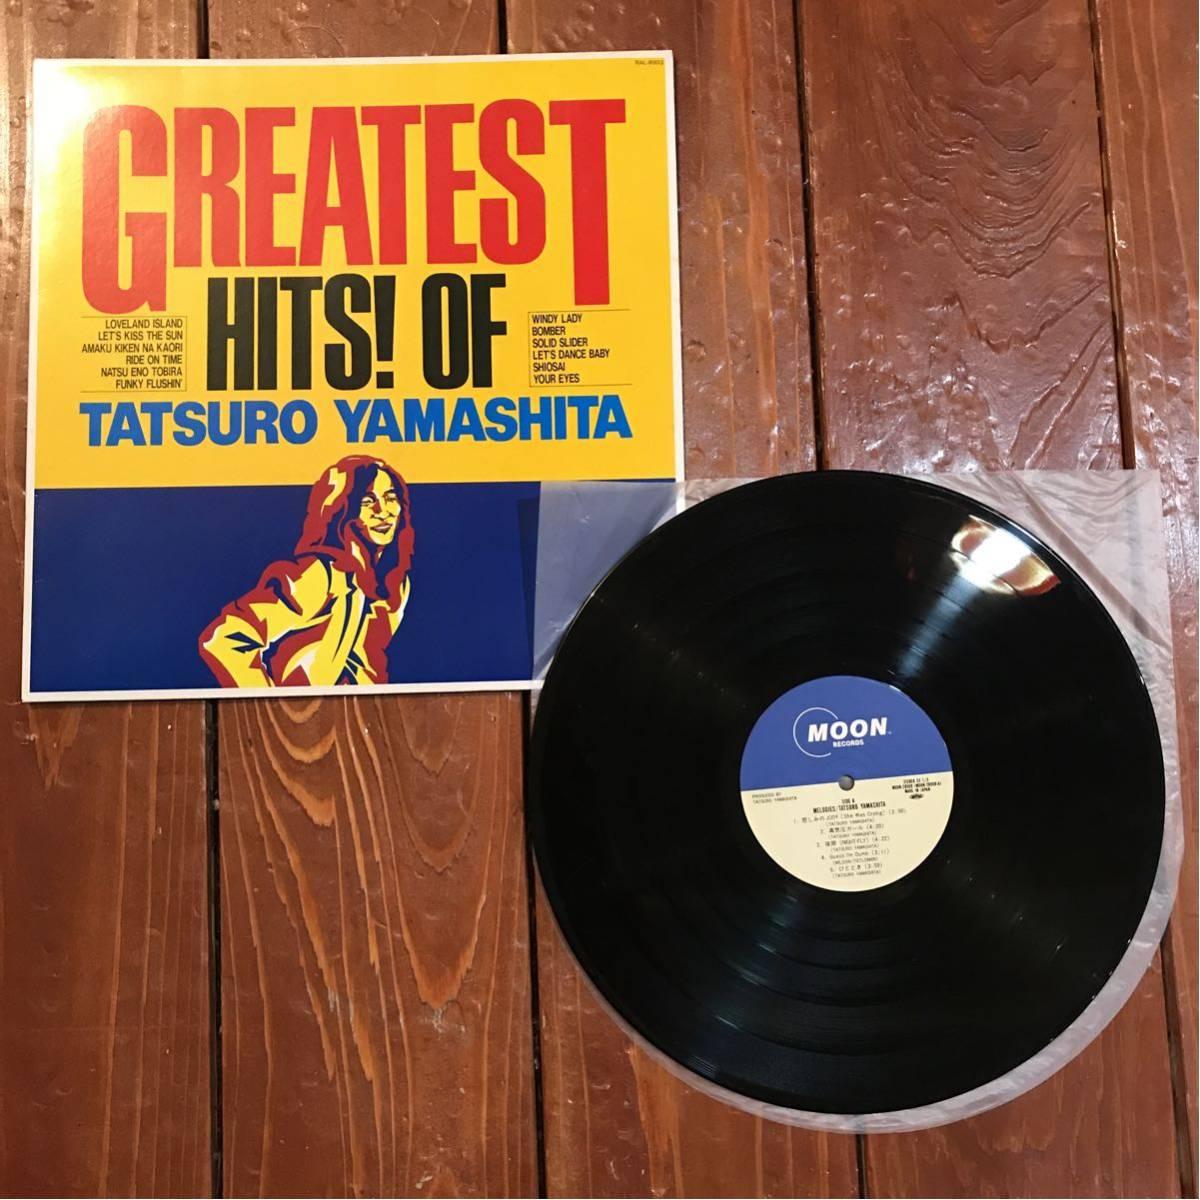 山下達郎 ニューヨーク ロス 最高の音がここにあった Melodies GREATEST HITS!OF 昭和レトロレコード 12インチ 3枚セット 歌詞付き_画像5